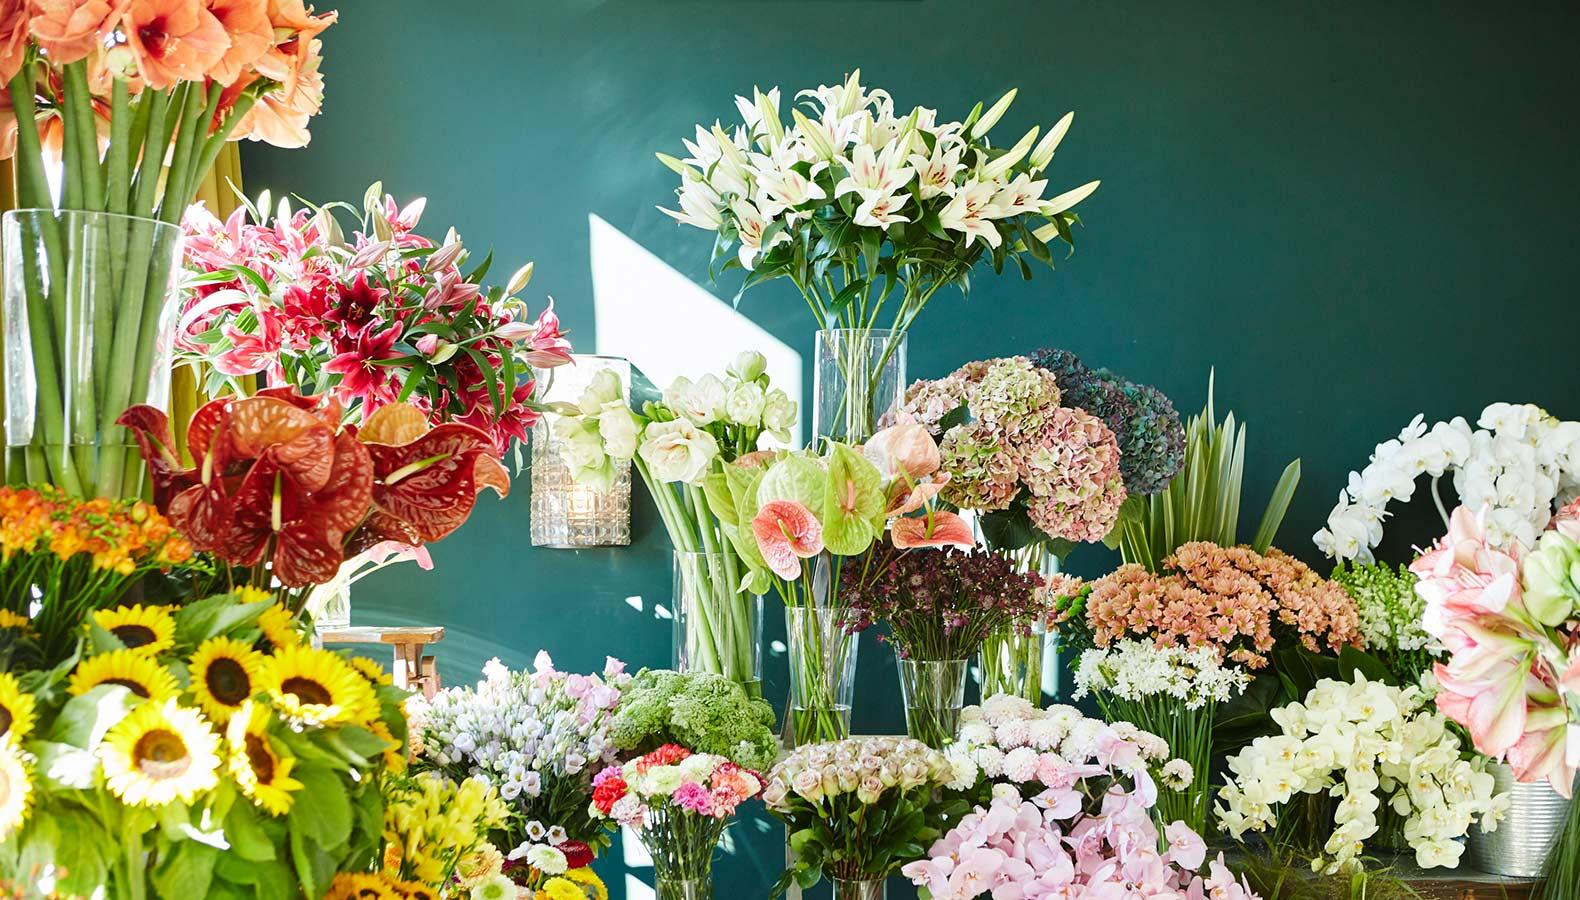 Blumen vor grün-blauer Wand. Sonnenblumen, Amaryllis, Hortensien.